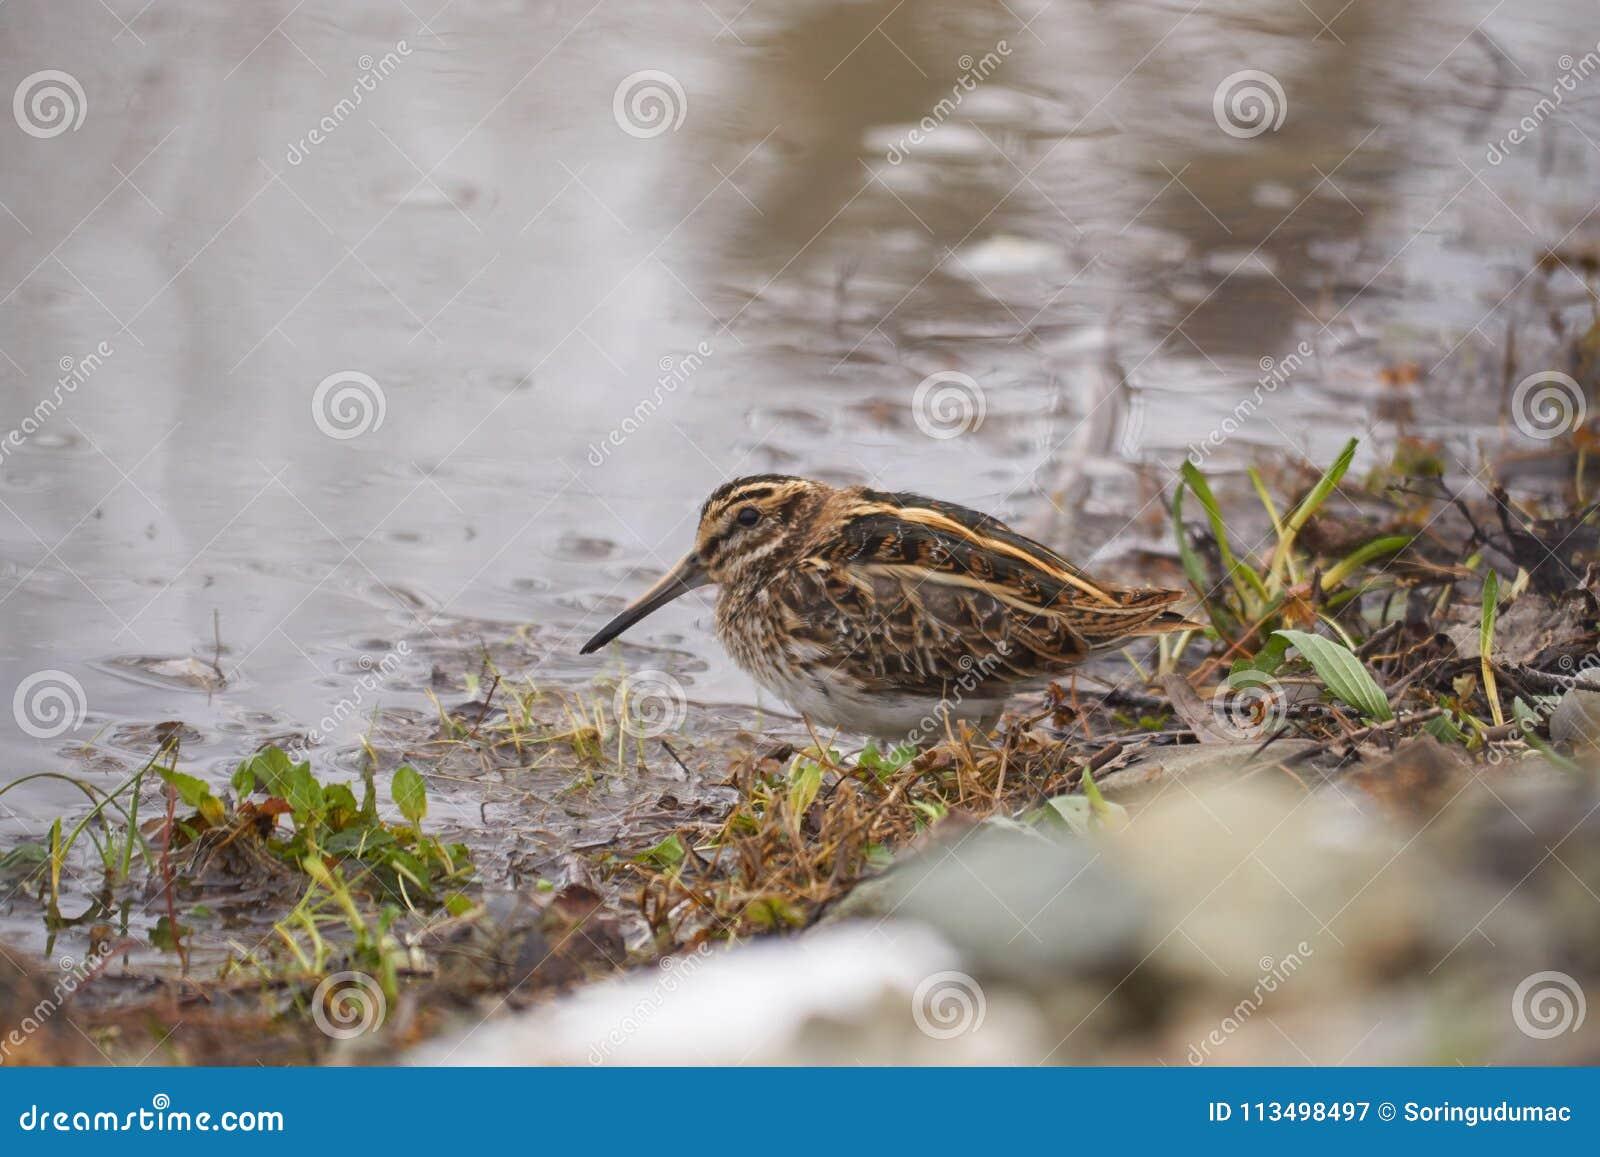 Stålarbeckasin eller den Lymnocryptes minimusen är en utvandrande waterbird